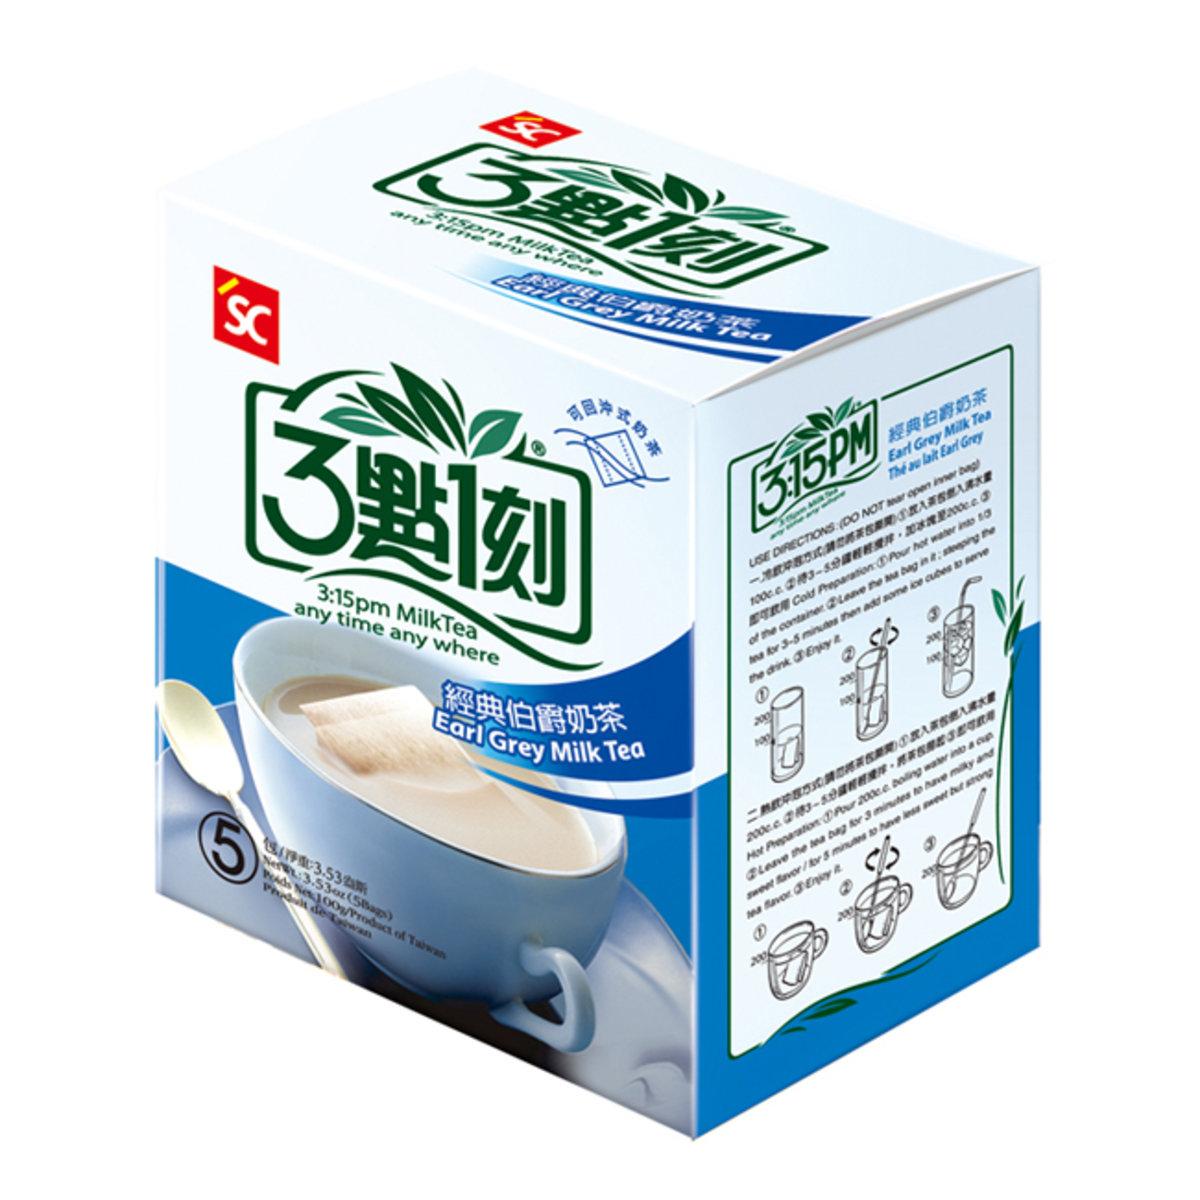 3點1刻 伯爵奶茶 咖啡 牛奶 即溶奶茶 即沖飲品 平衡進口